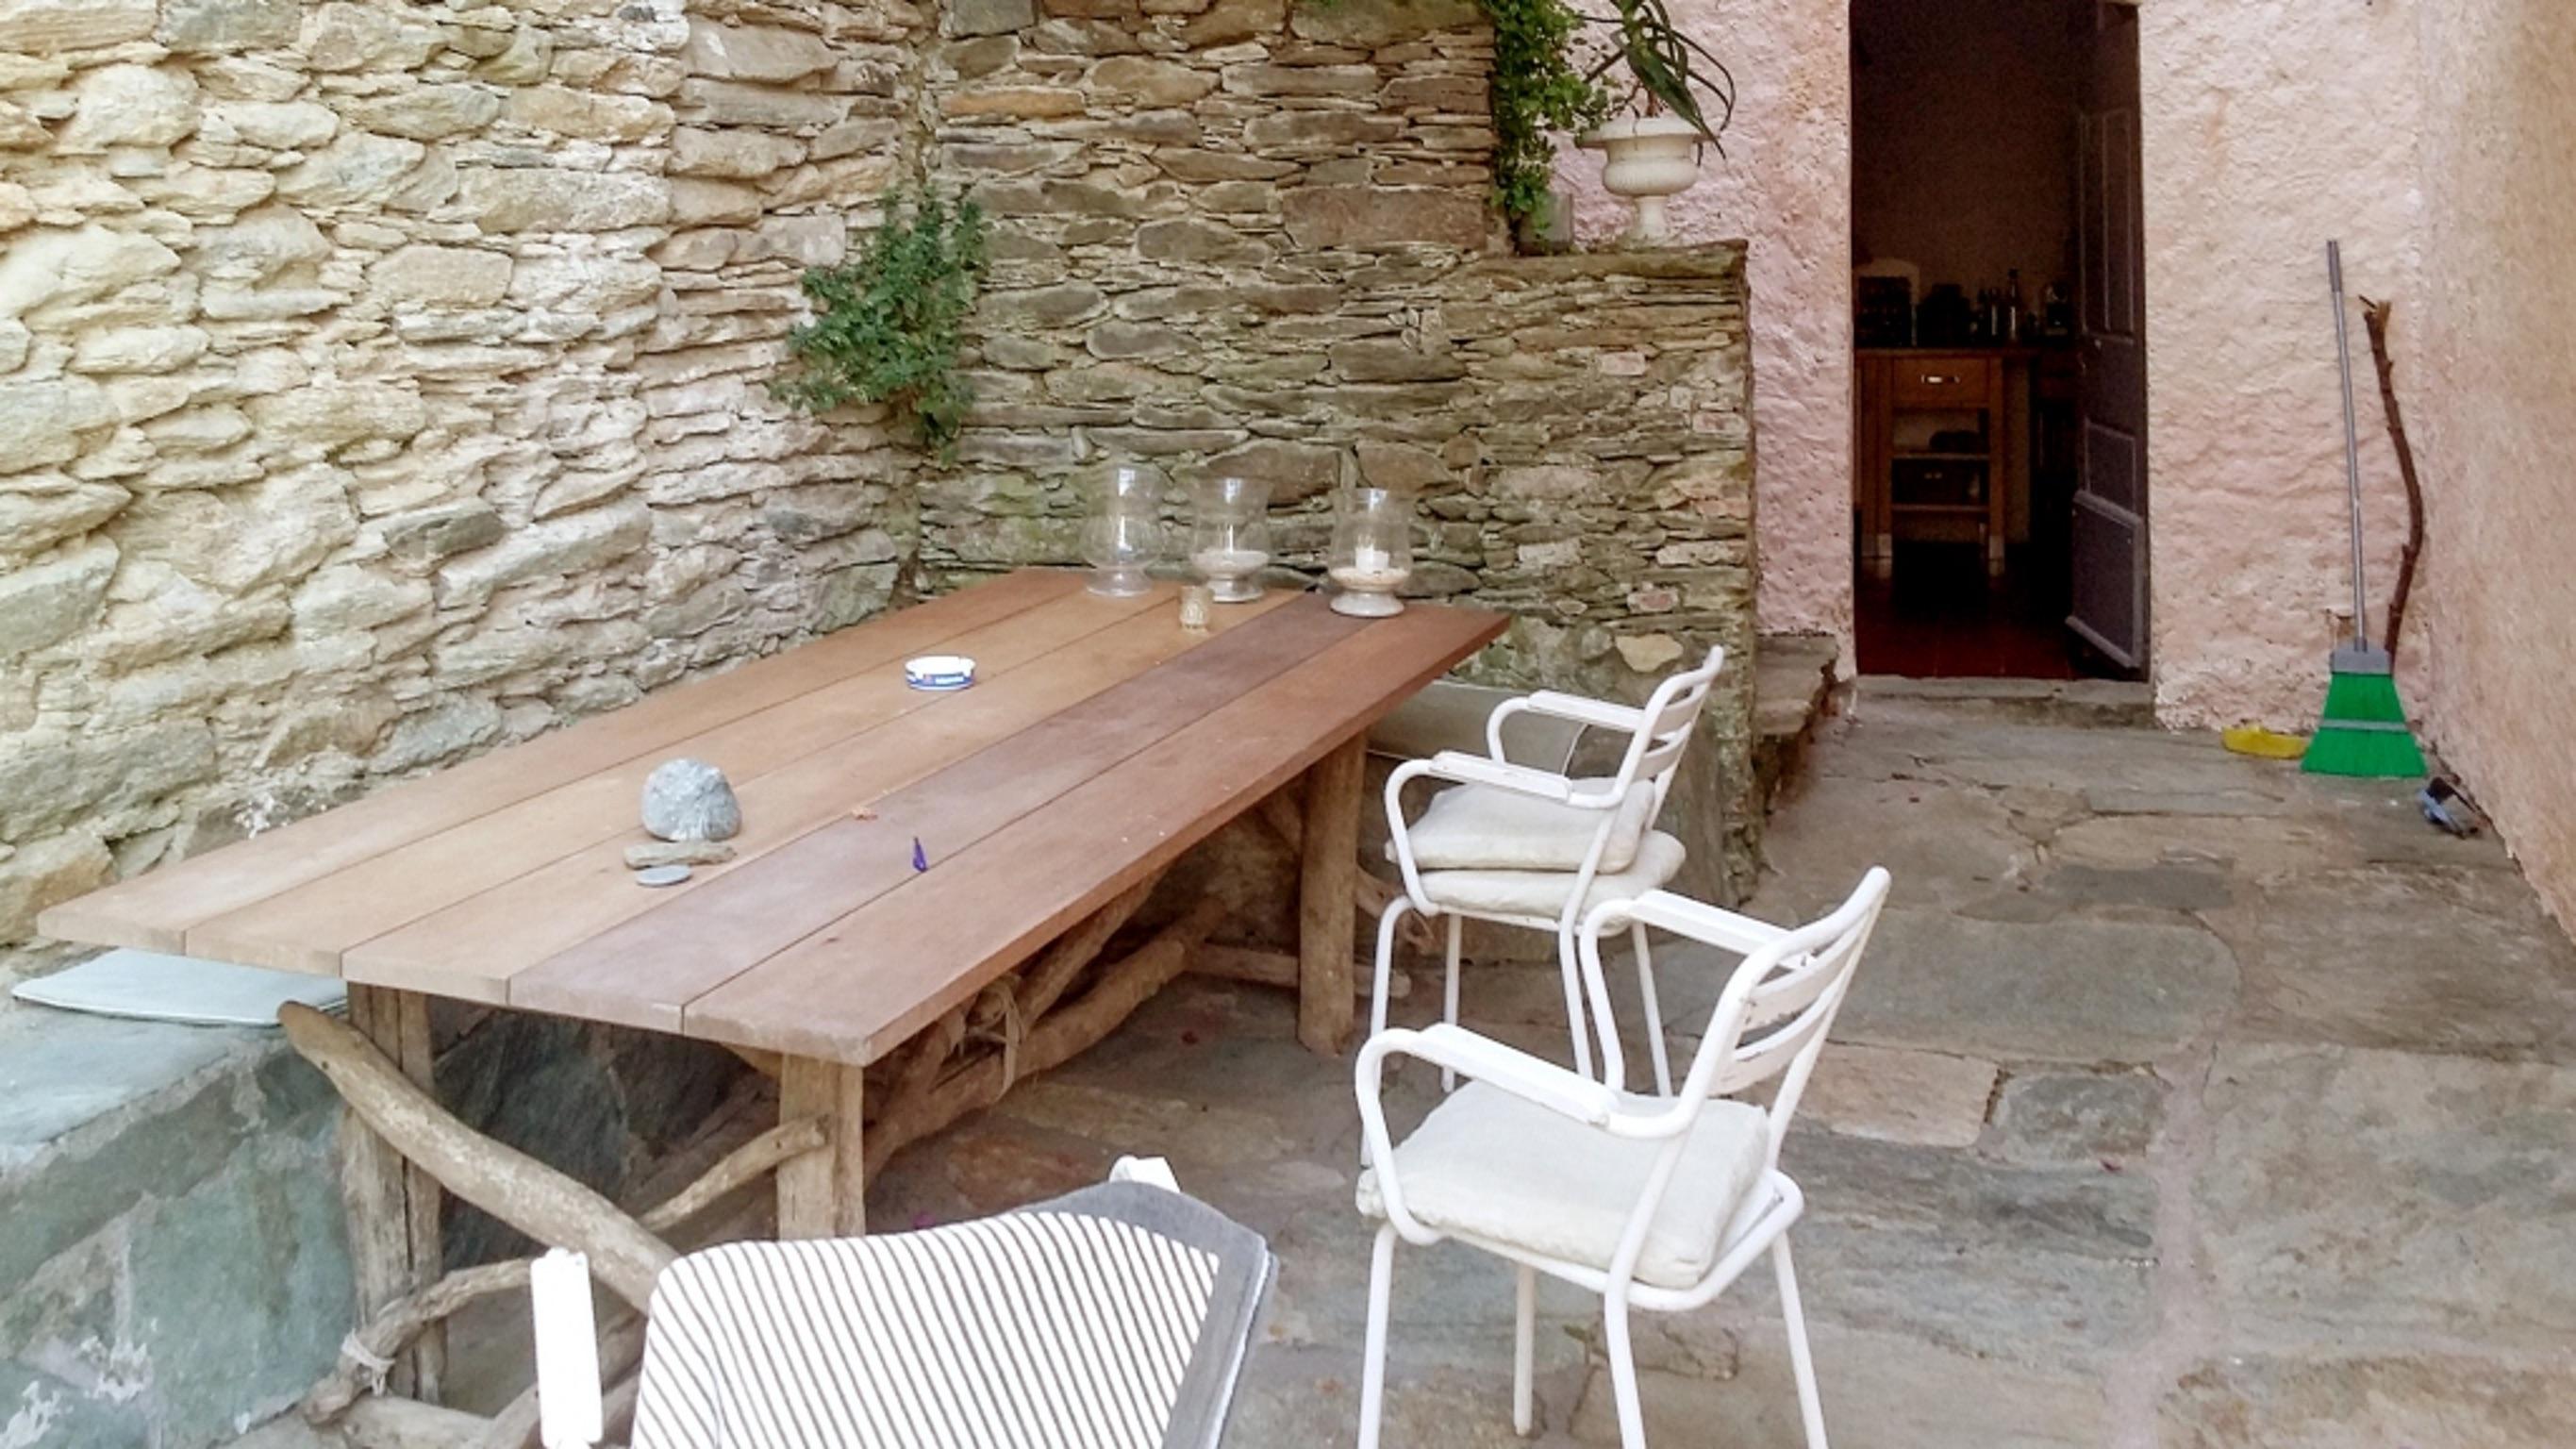 Maison de vacances Herrliches Haus mit neun Schlafzimmern und grandiosem Blick aufs Meer im hübschen Dörfchen (2202571), Centuri, Haute-Corse, Corse, France, image 27